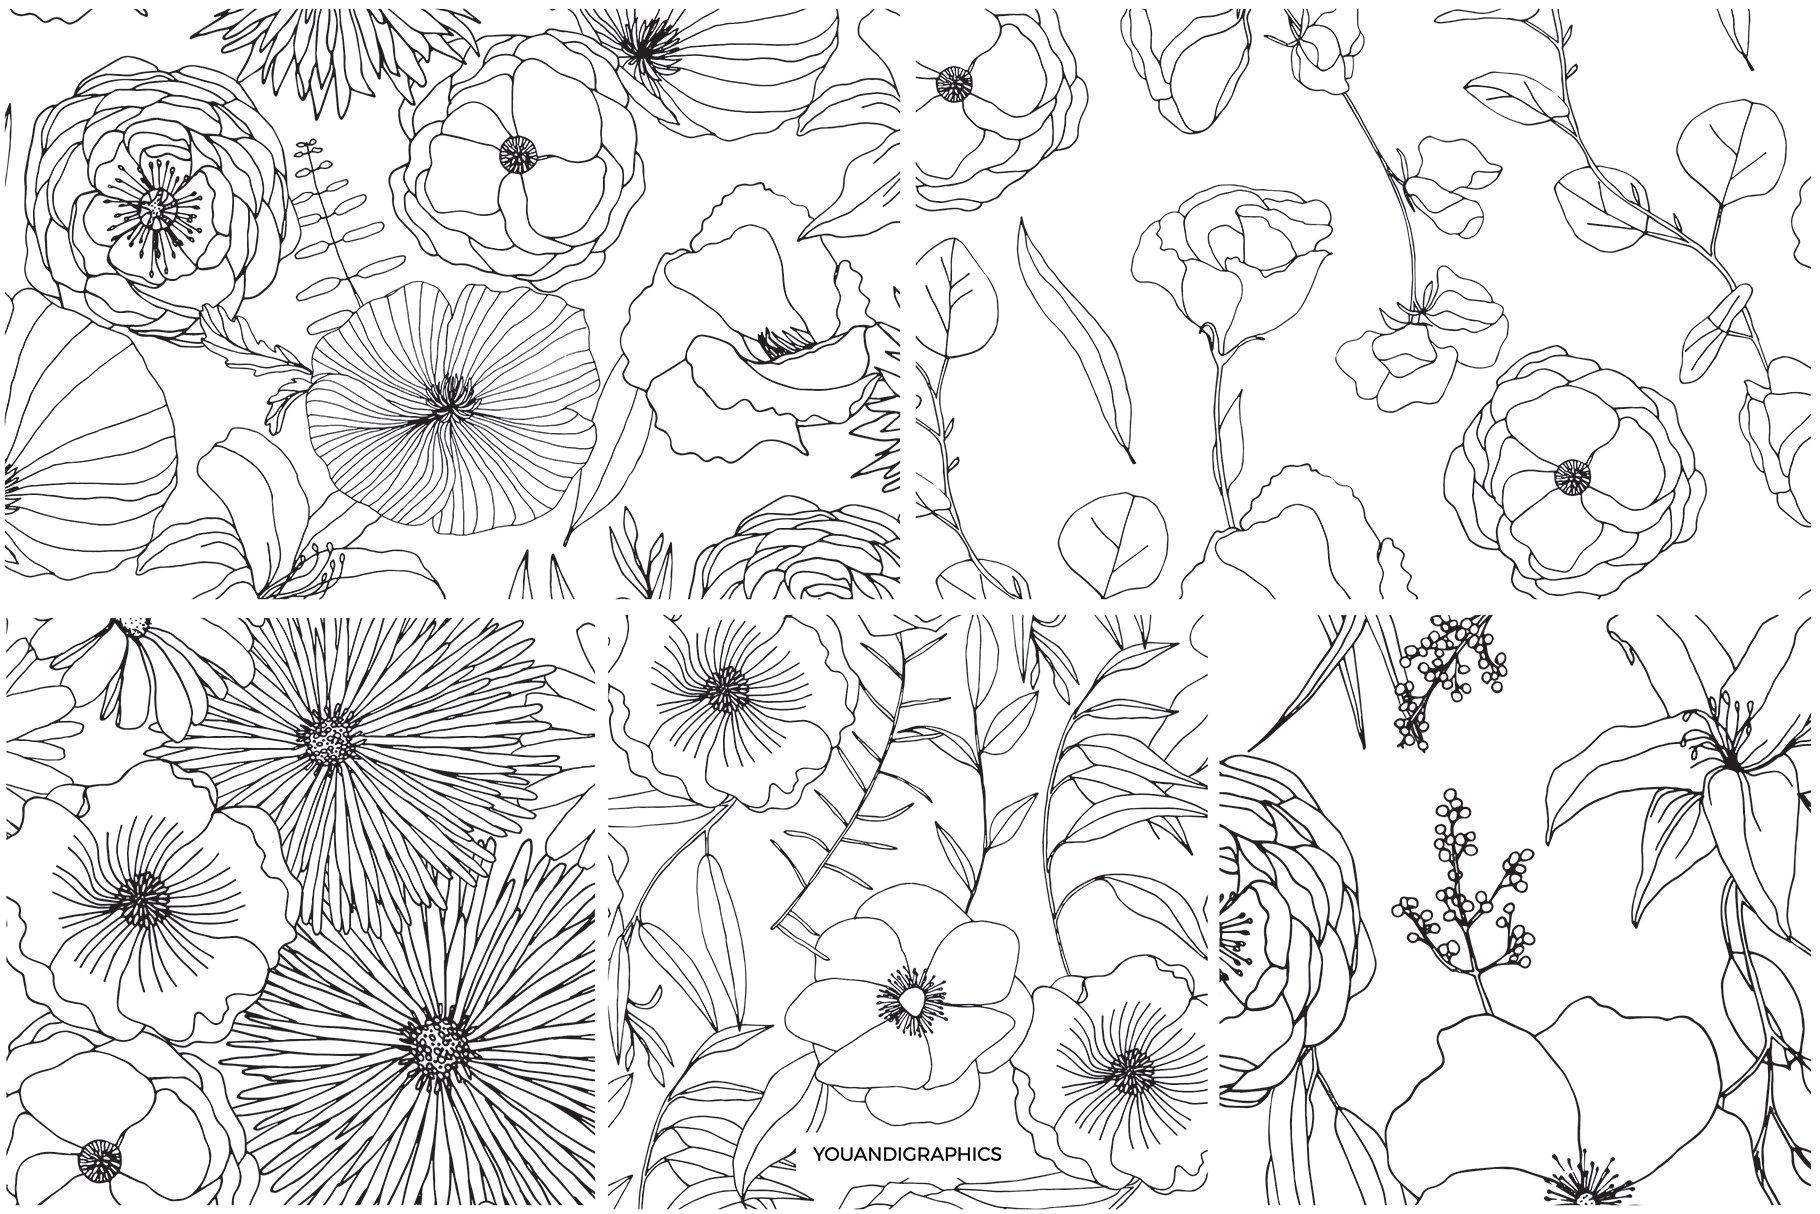 精美手绘花卉花朵无缝隙矢量线稿图案素材 Floral Blast Patterns And Bouquets插图(10)